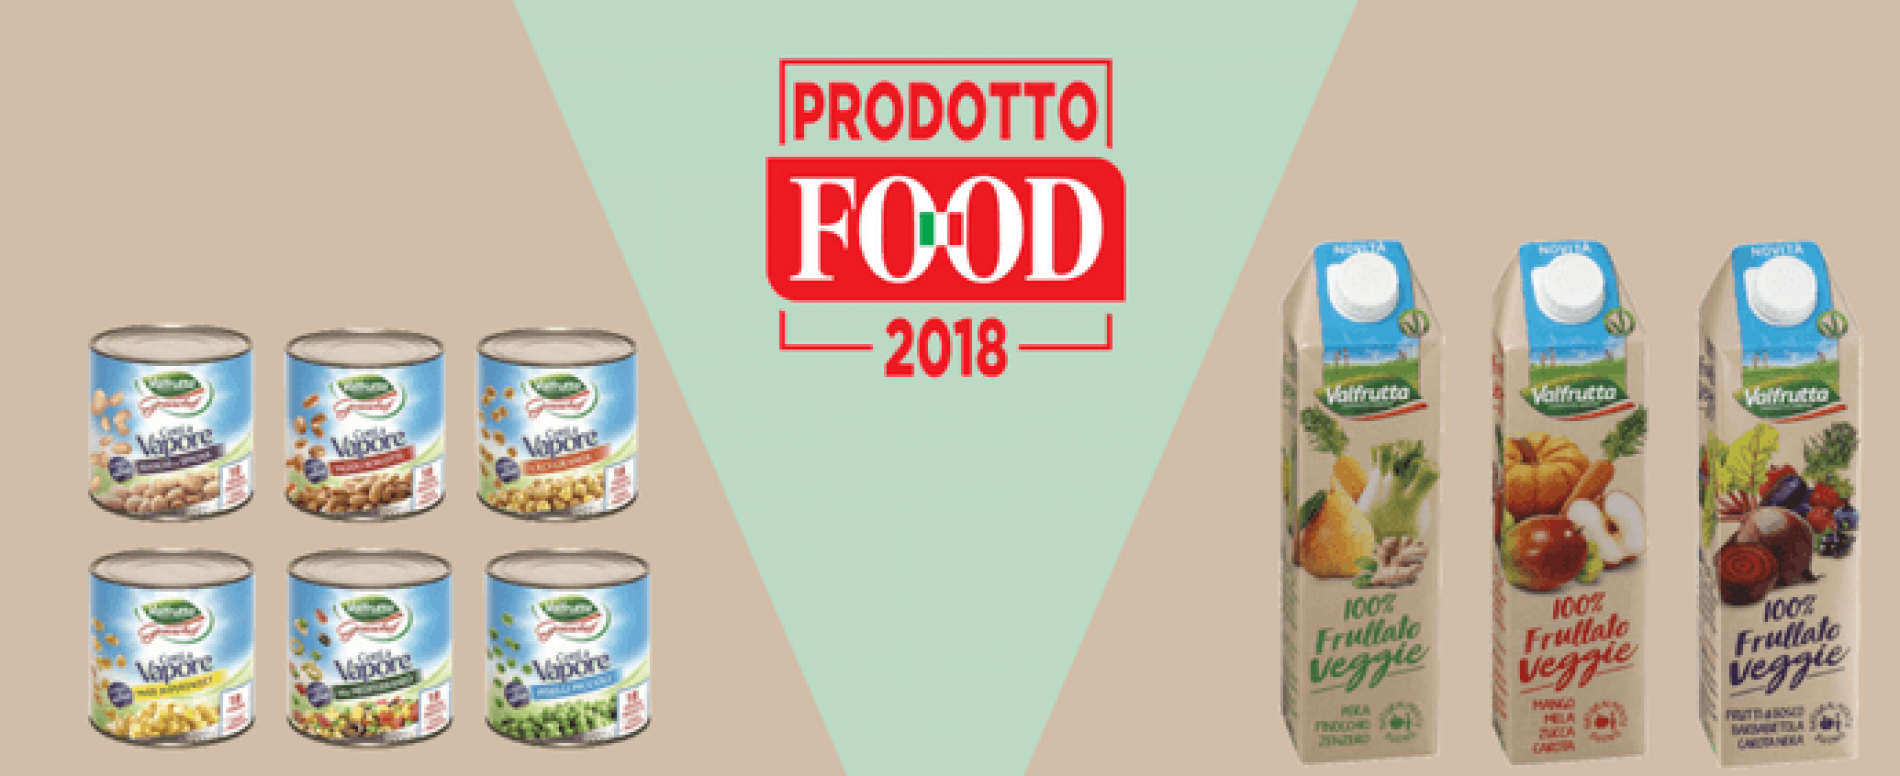 Due referenze Valfrutta si aggiudicano il Premio Prodotto Food